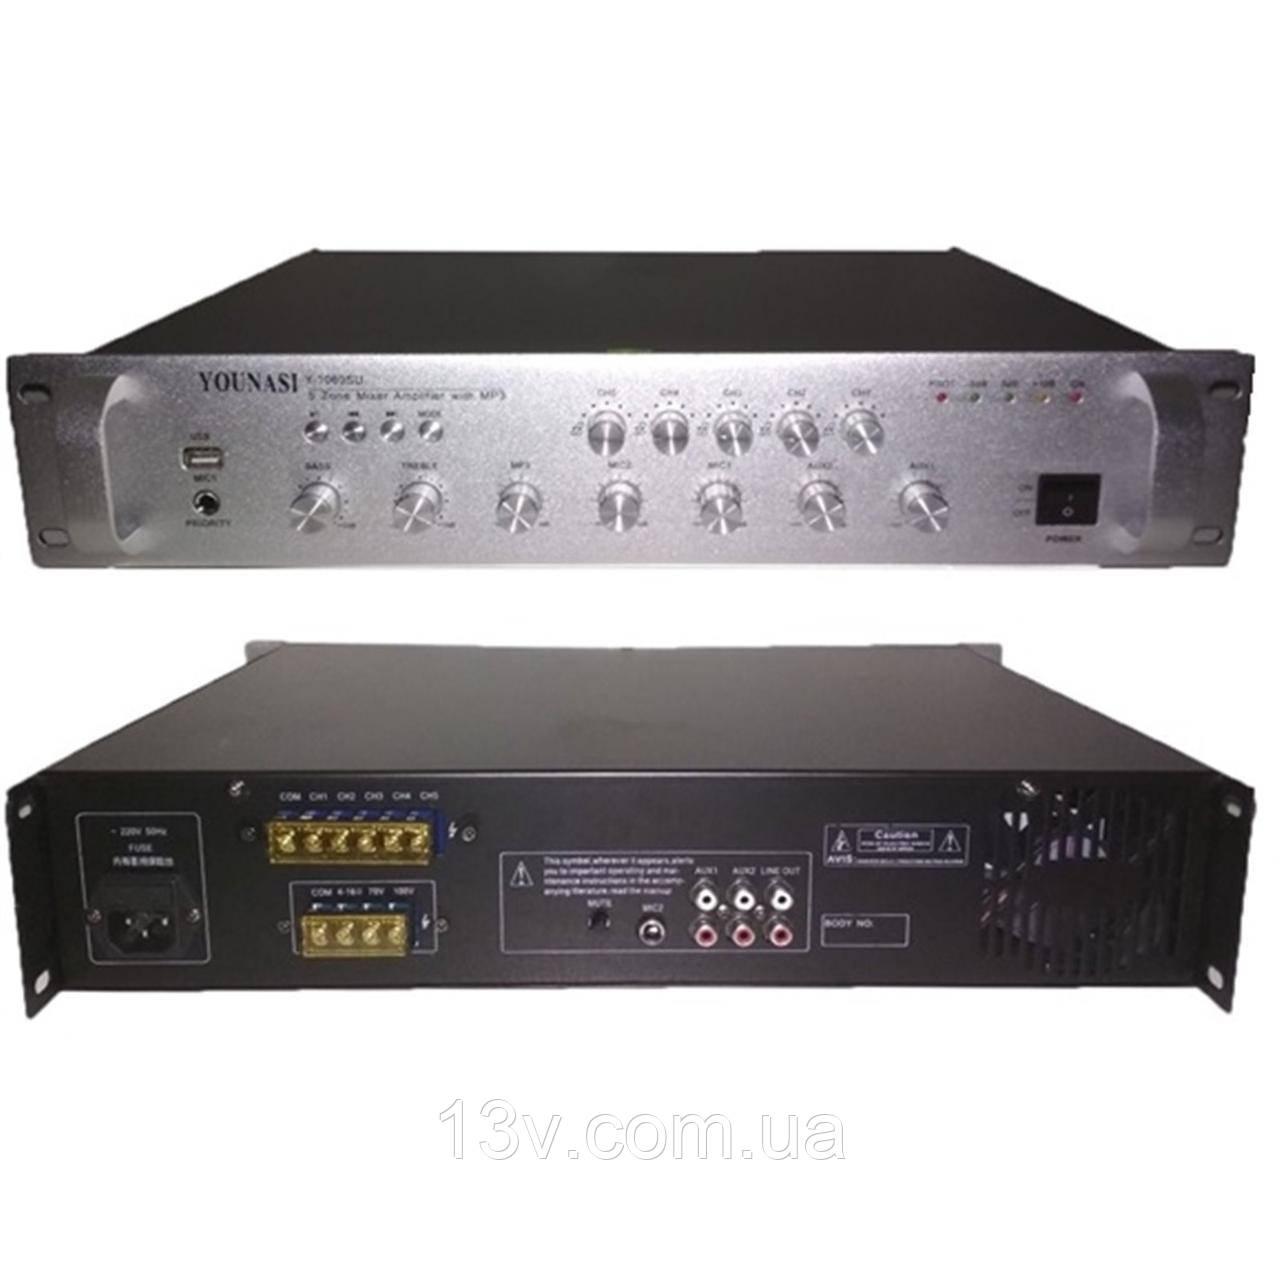 Усилитель Younasi Y-1080SU, 80Вт, USB, 5 zones